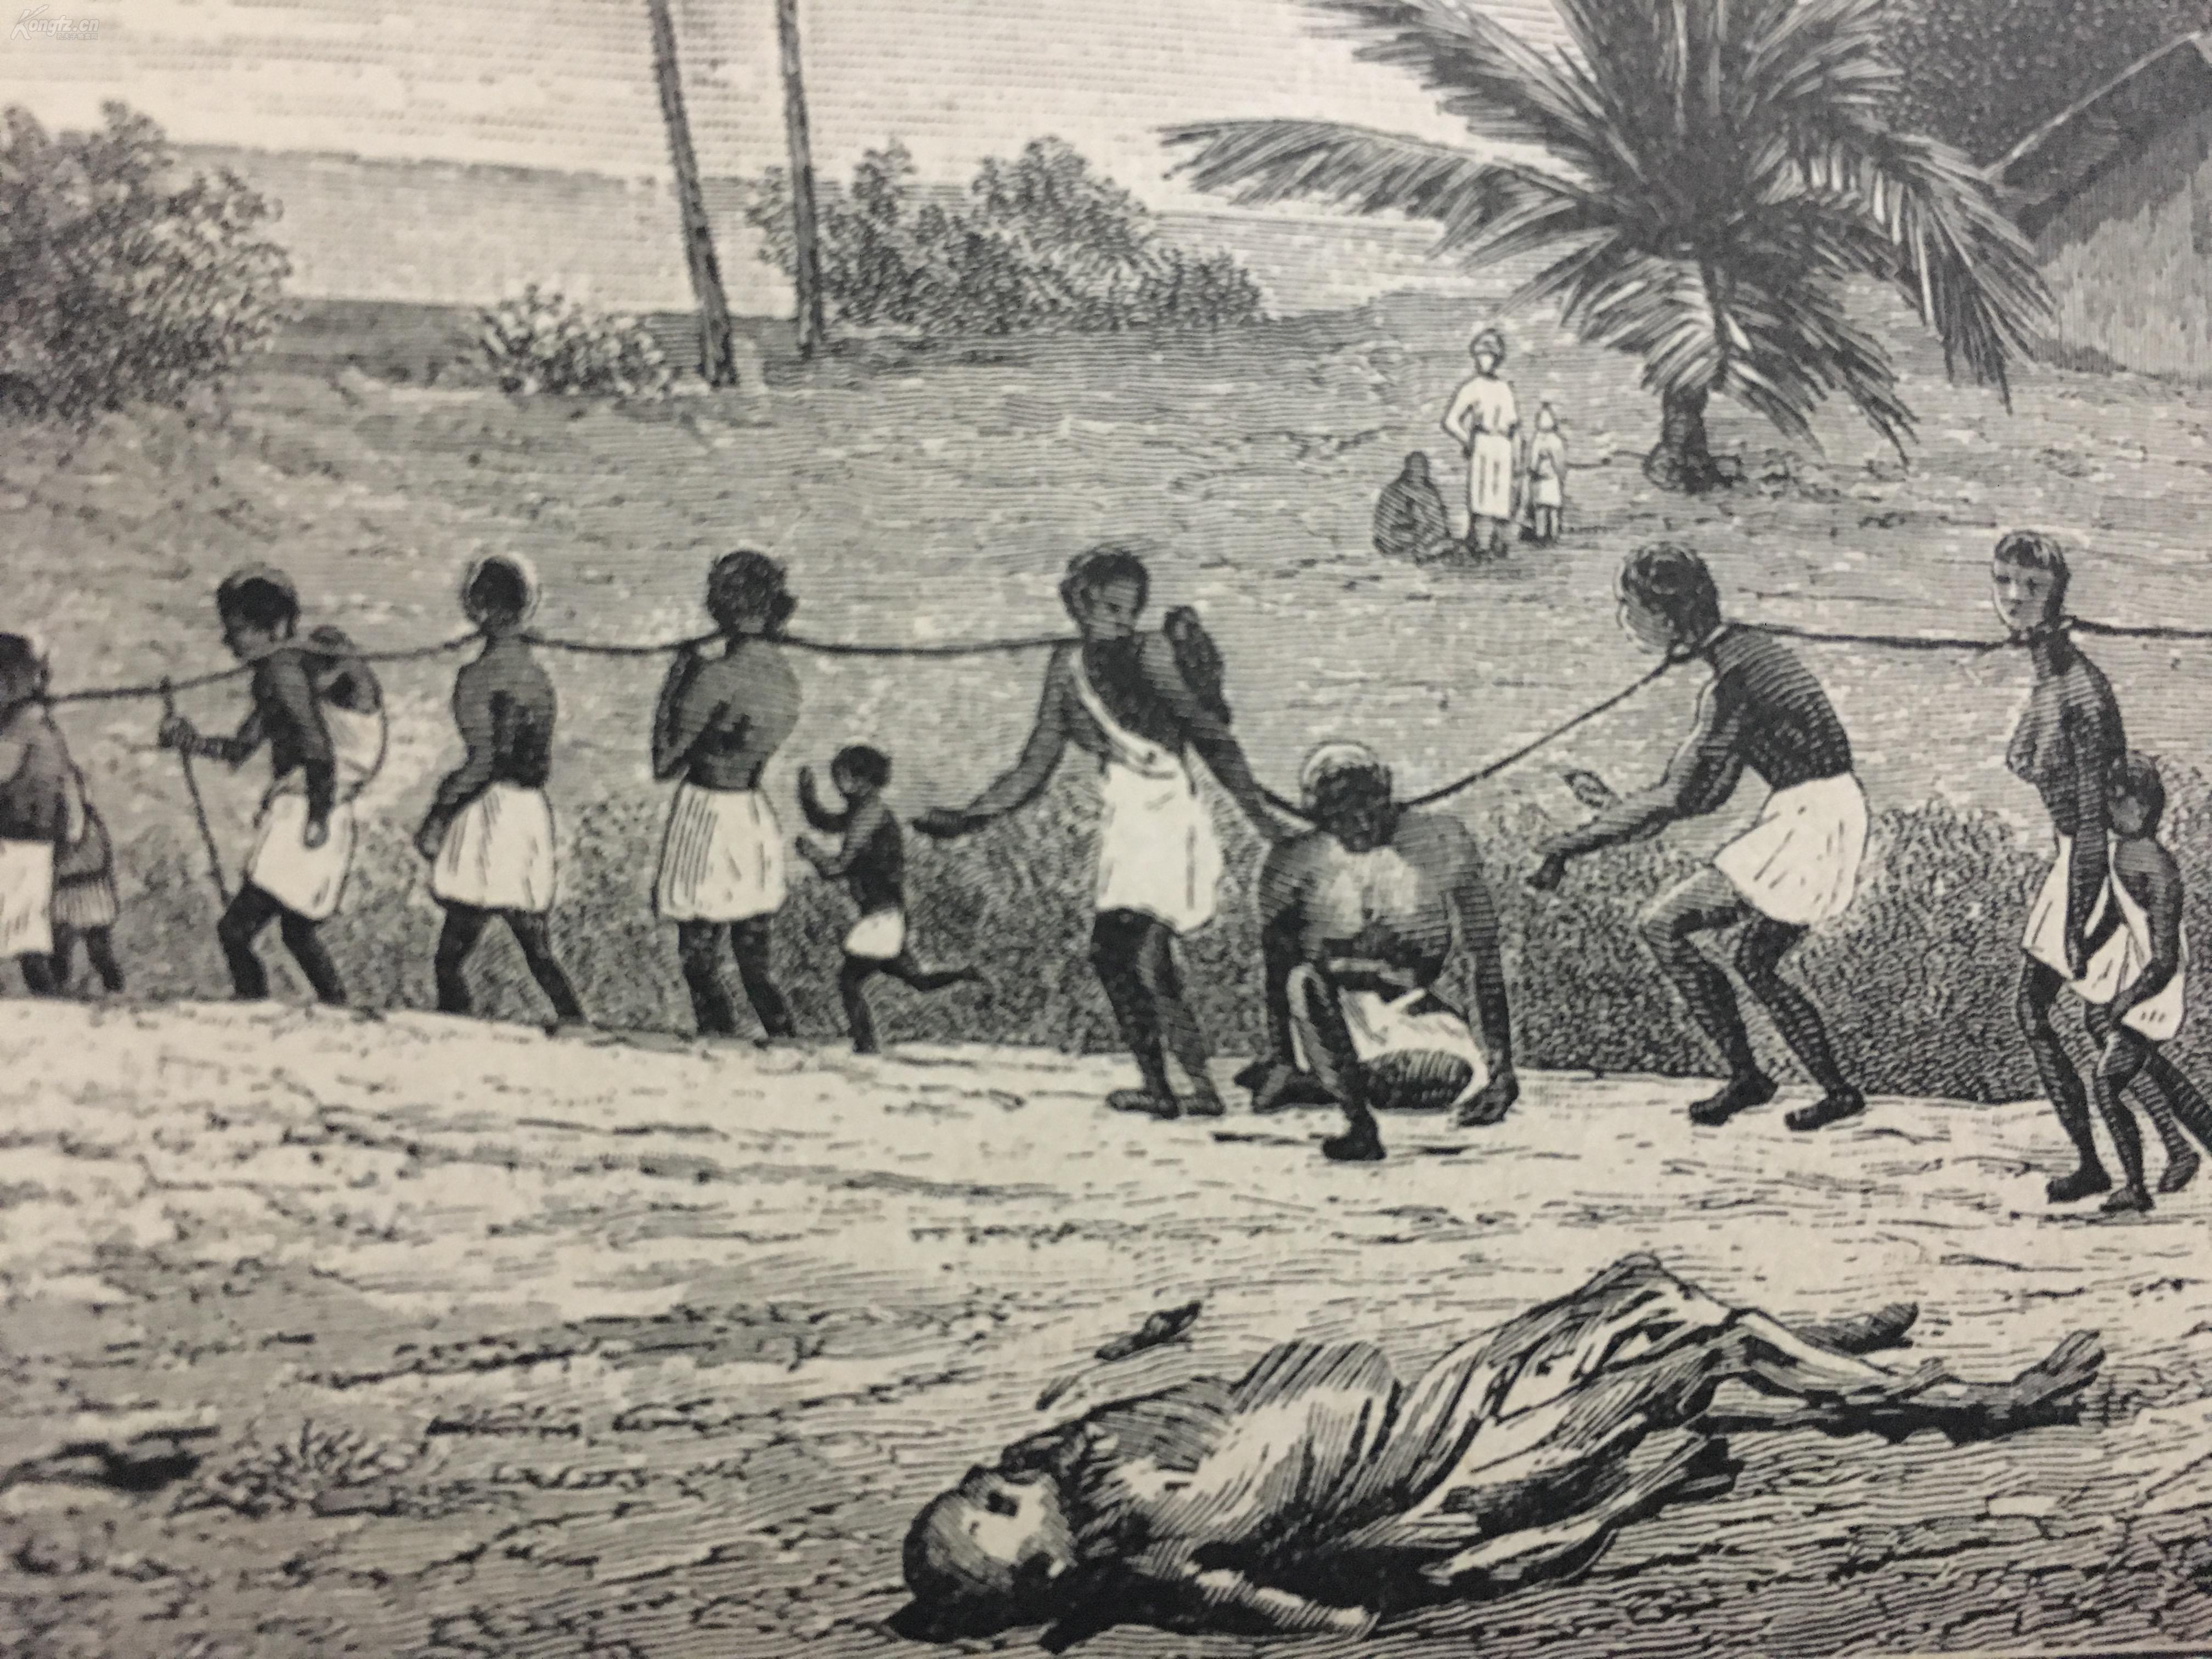 19世纪 非洲黑奴贸系列木刻版画-4 《朱门酒肉臭,路又